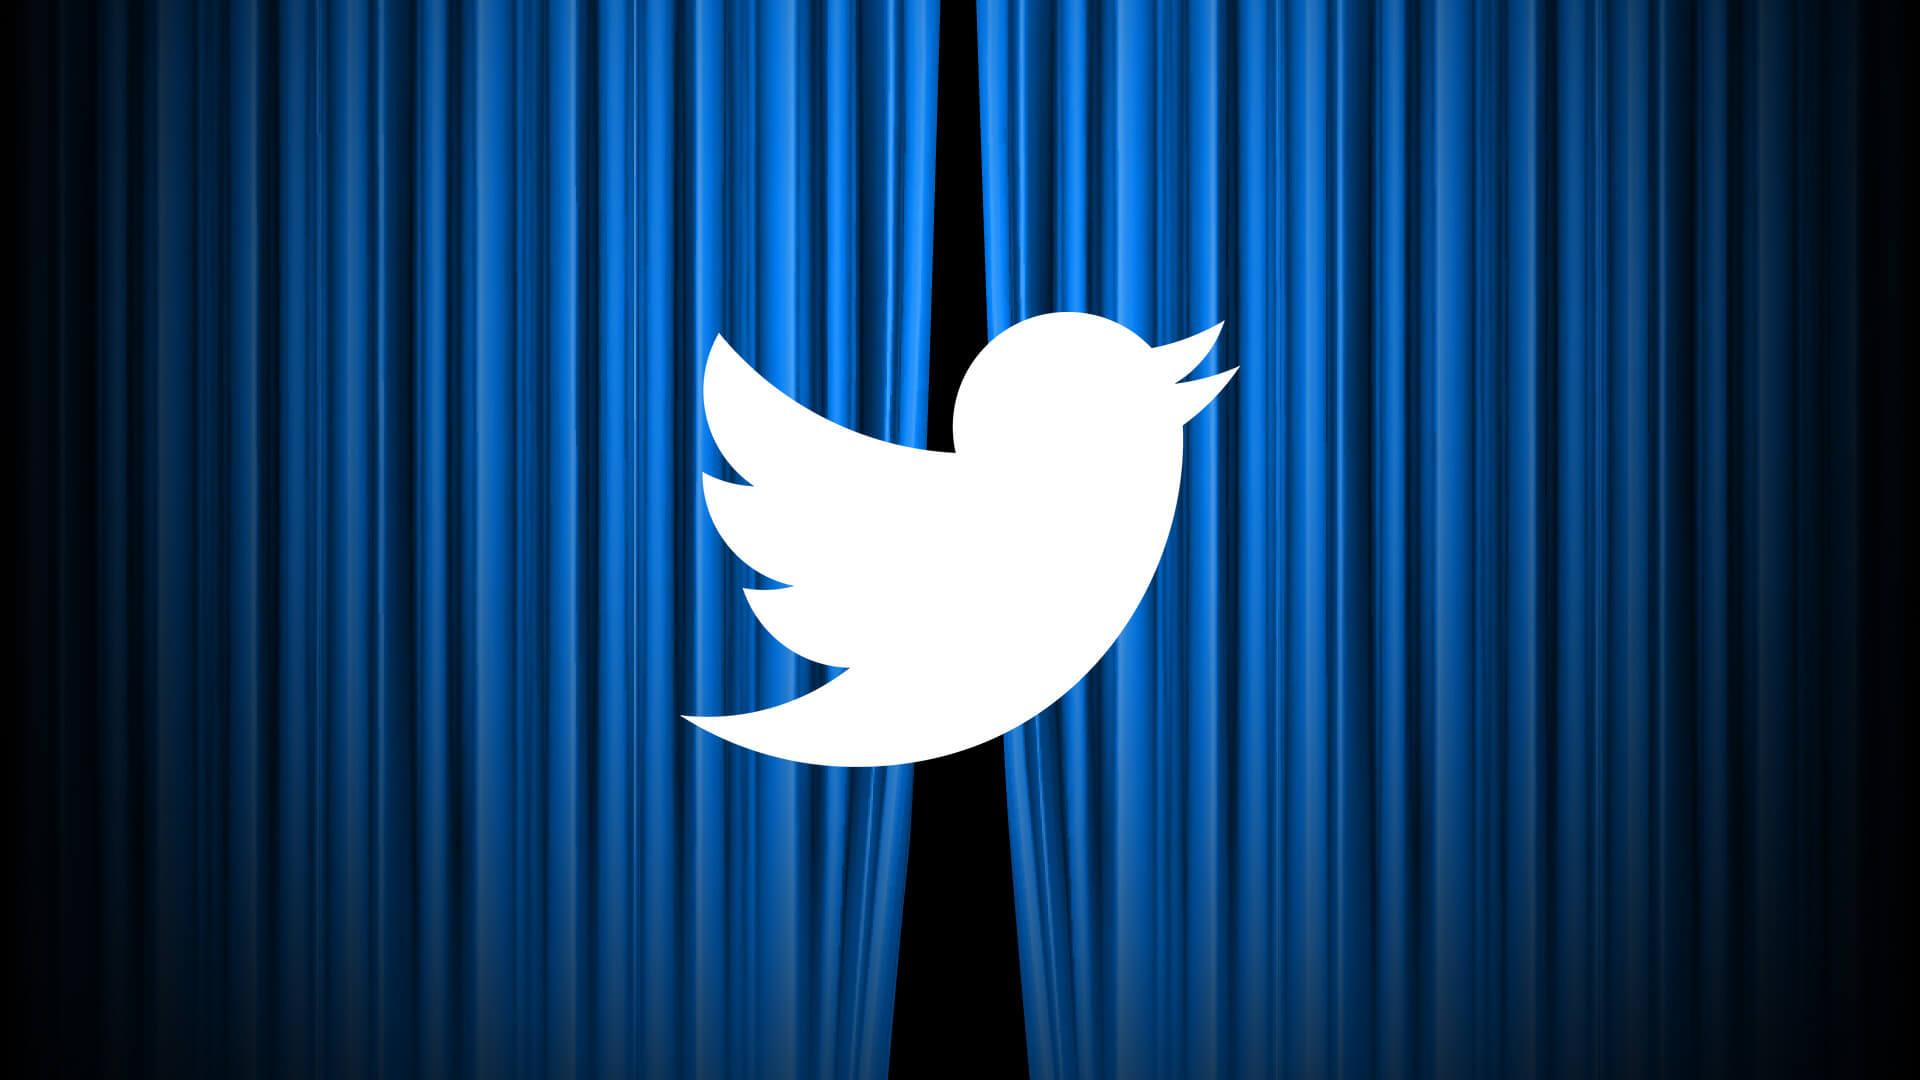 Твиттер начал считать количество просмотров ввидеороликах